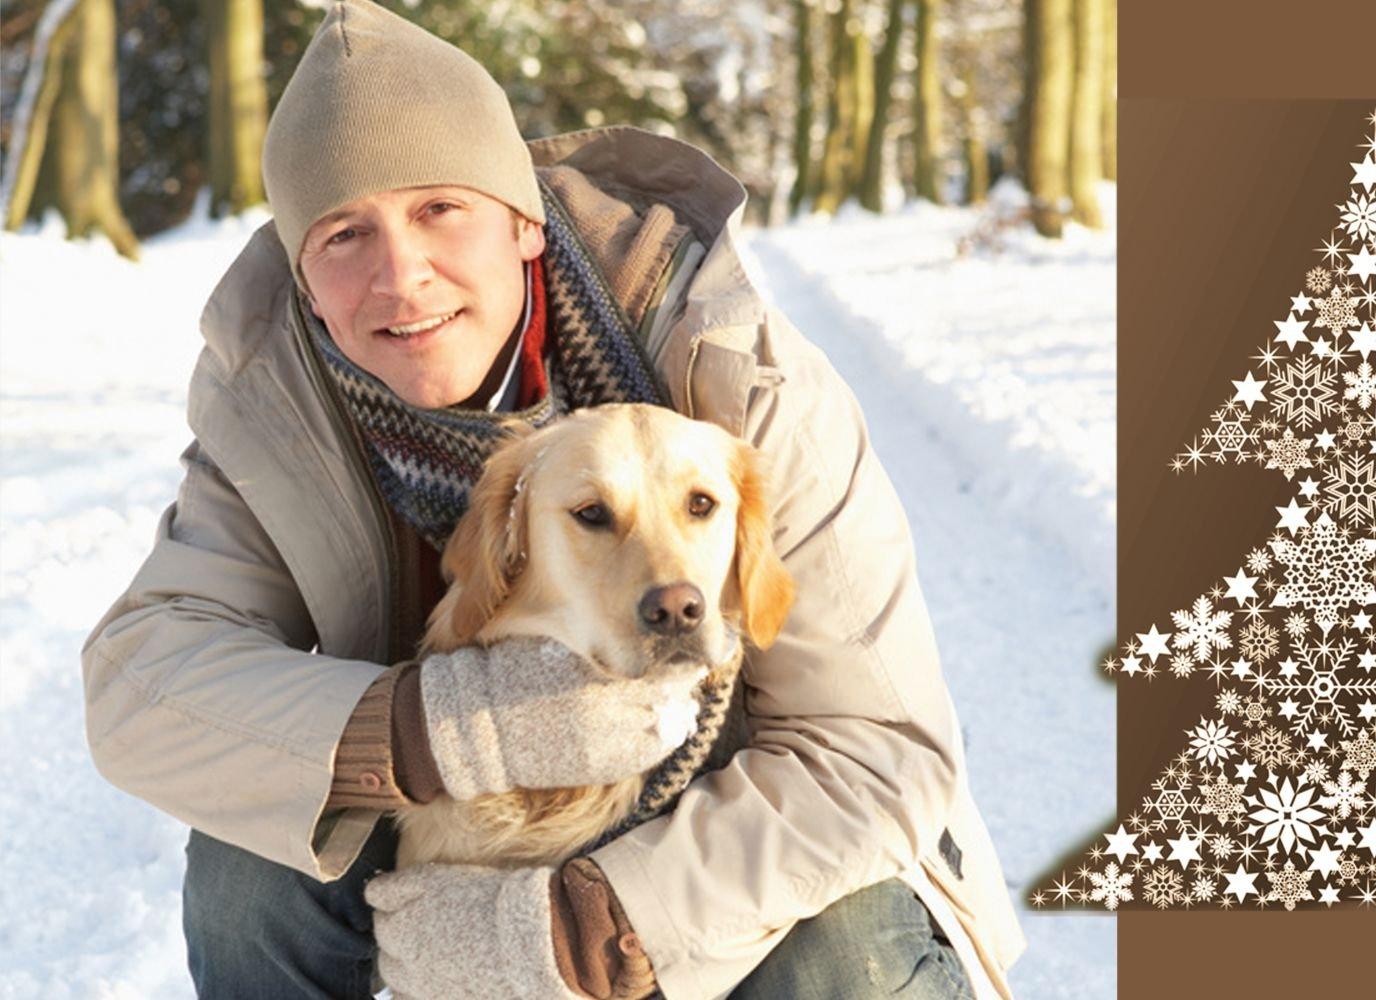 Kartenparadies Einladungskarte zu Weihnachten Foto Einladung Farbklang, hochwertige Weihnachtseinladung Weihnachtseinladung Weihnachtseinladung zum Selbstgestalten (Format  148x105 mm) Farbe  DunkelGrasGrün B01MR5GK5L | Tadellos  | Elegant  | Auf Verkauf  66de52